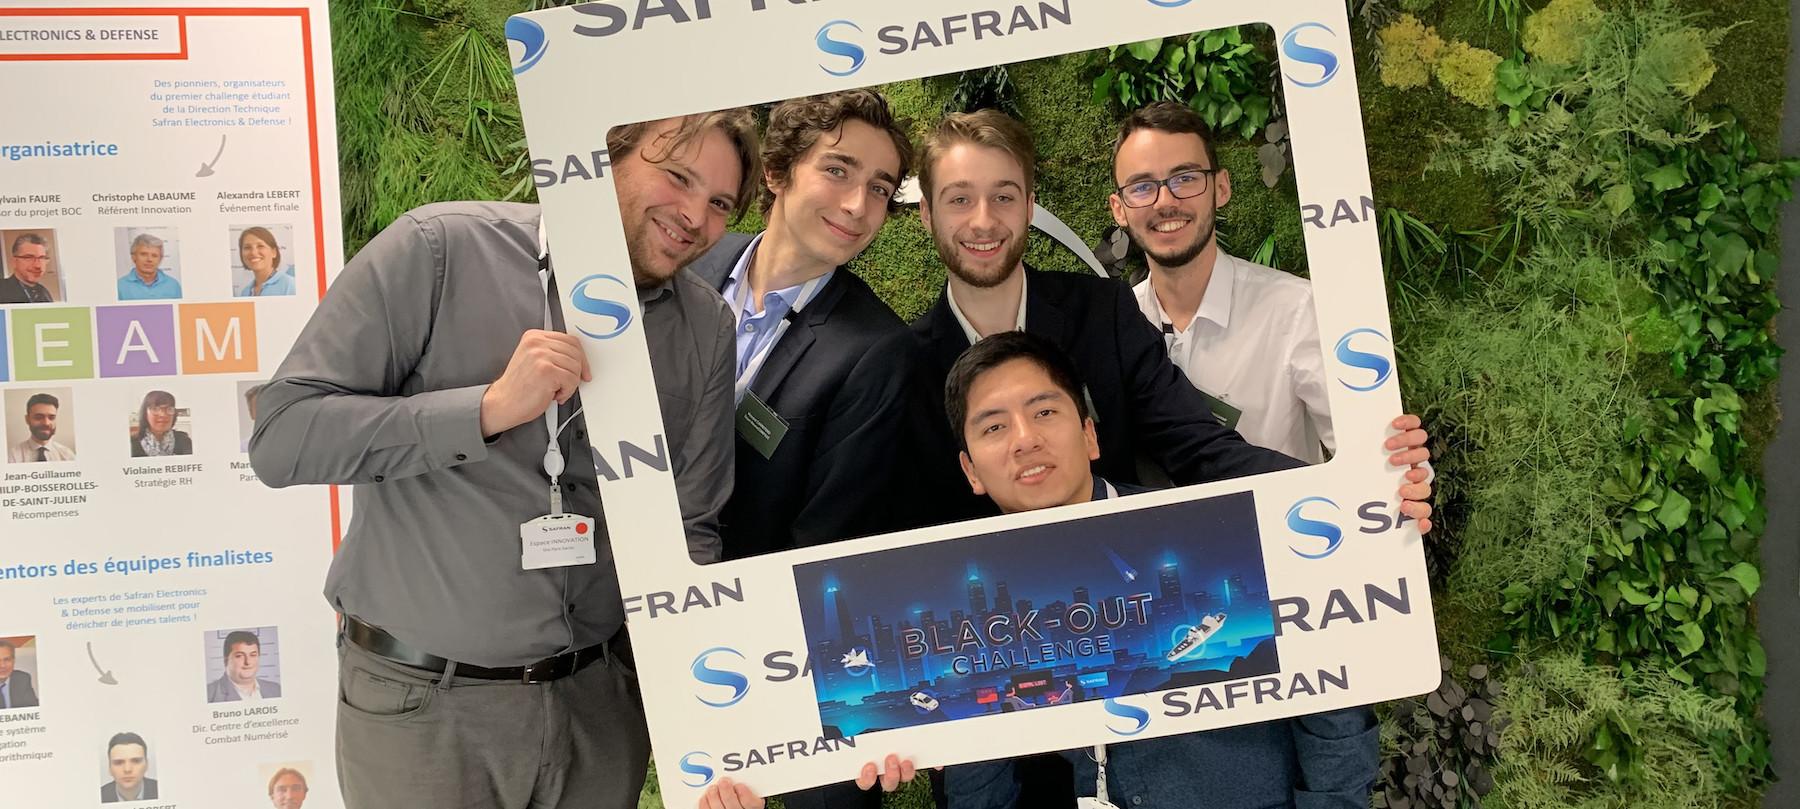 Des Ensmatiques finalistes du Black-Out Challenge de Safran